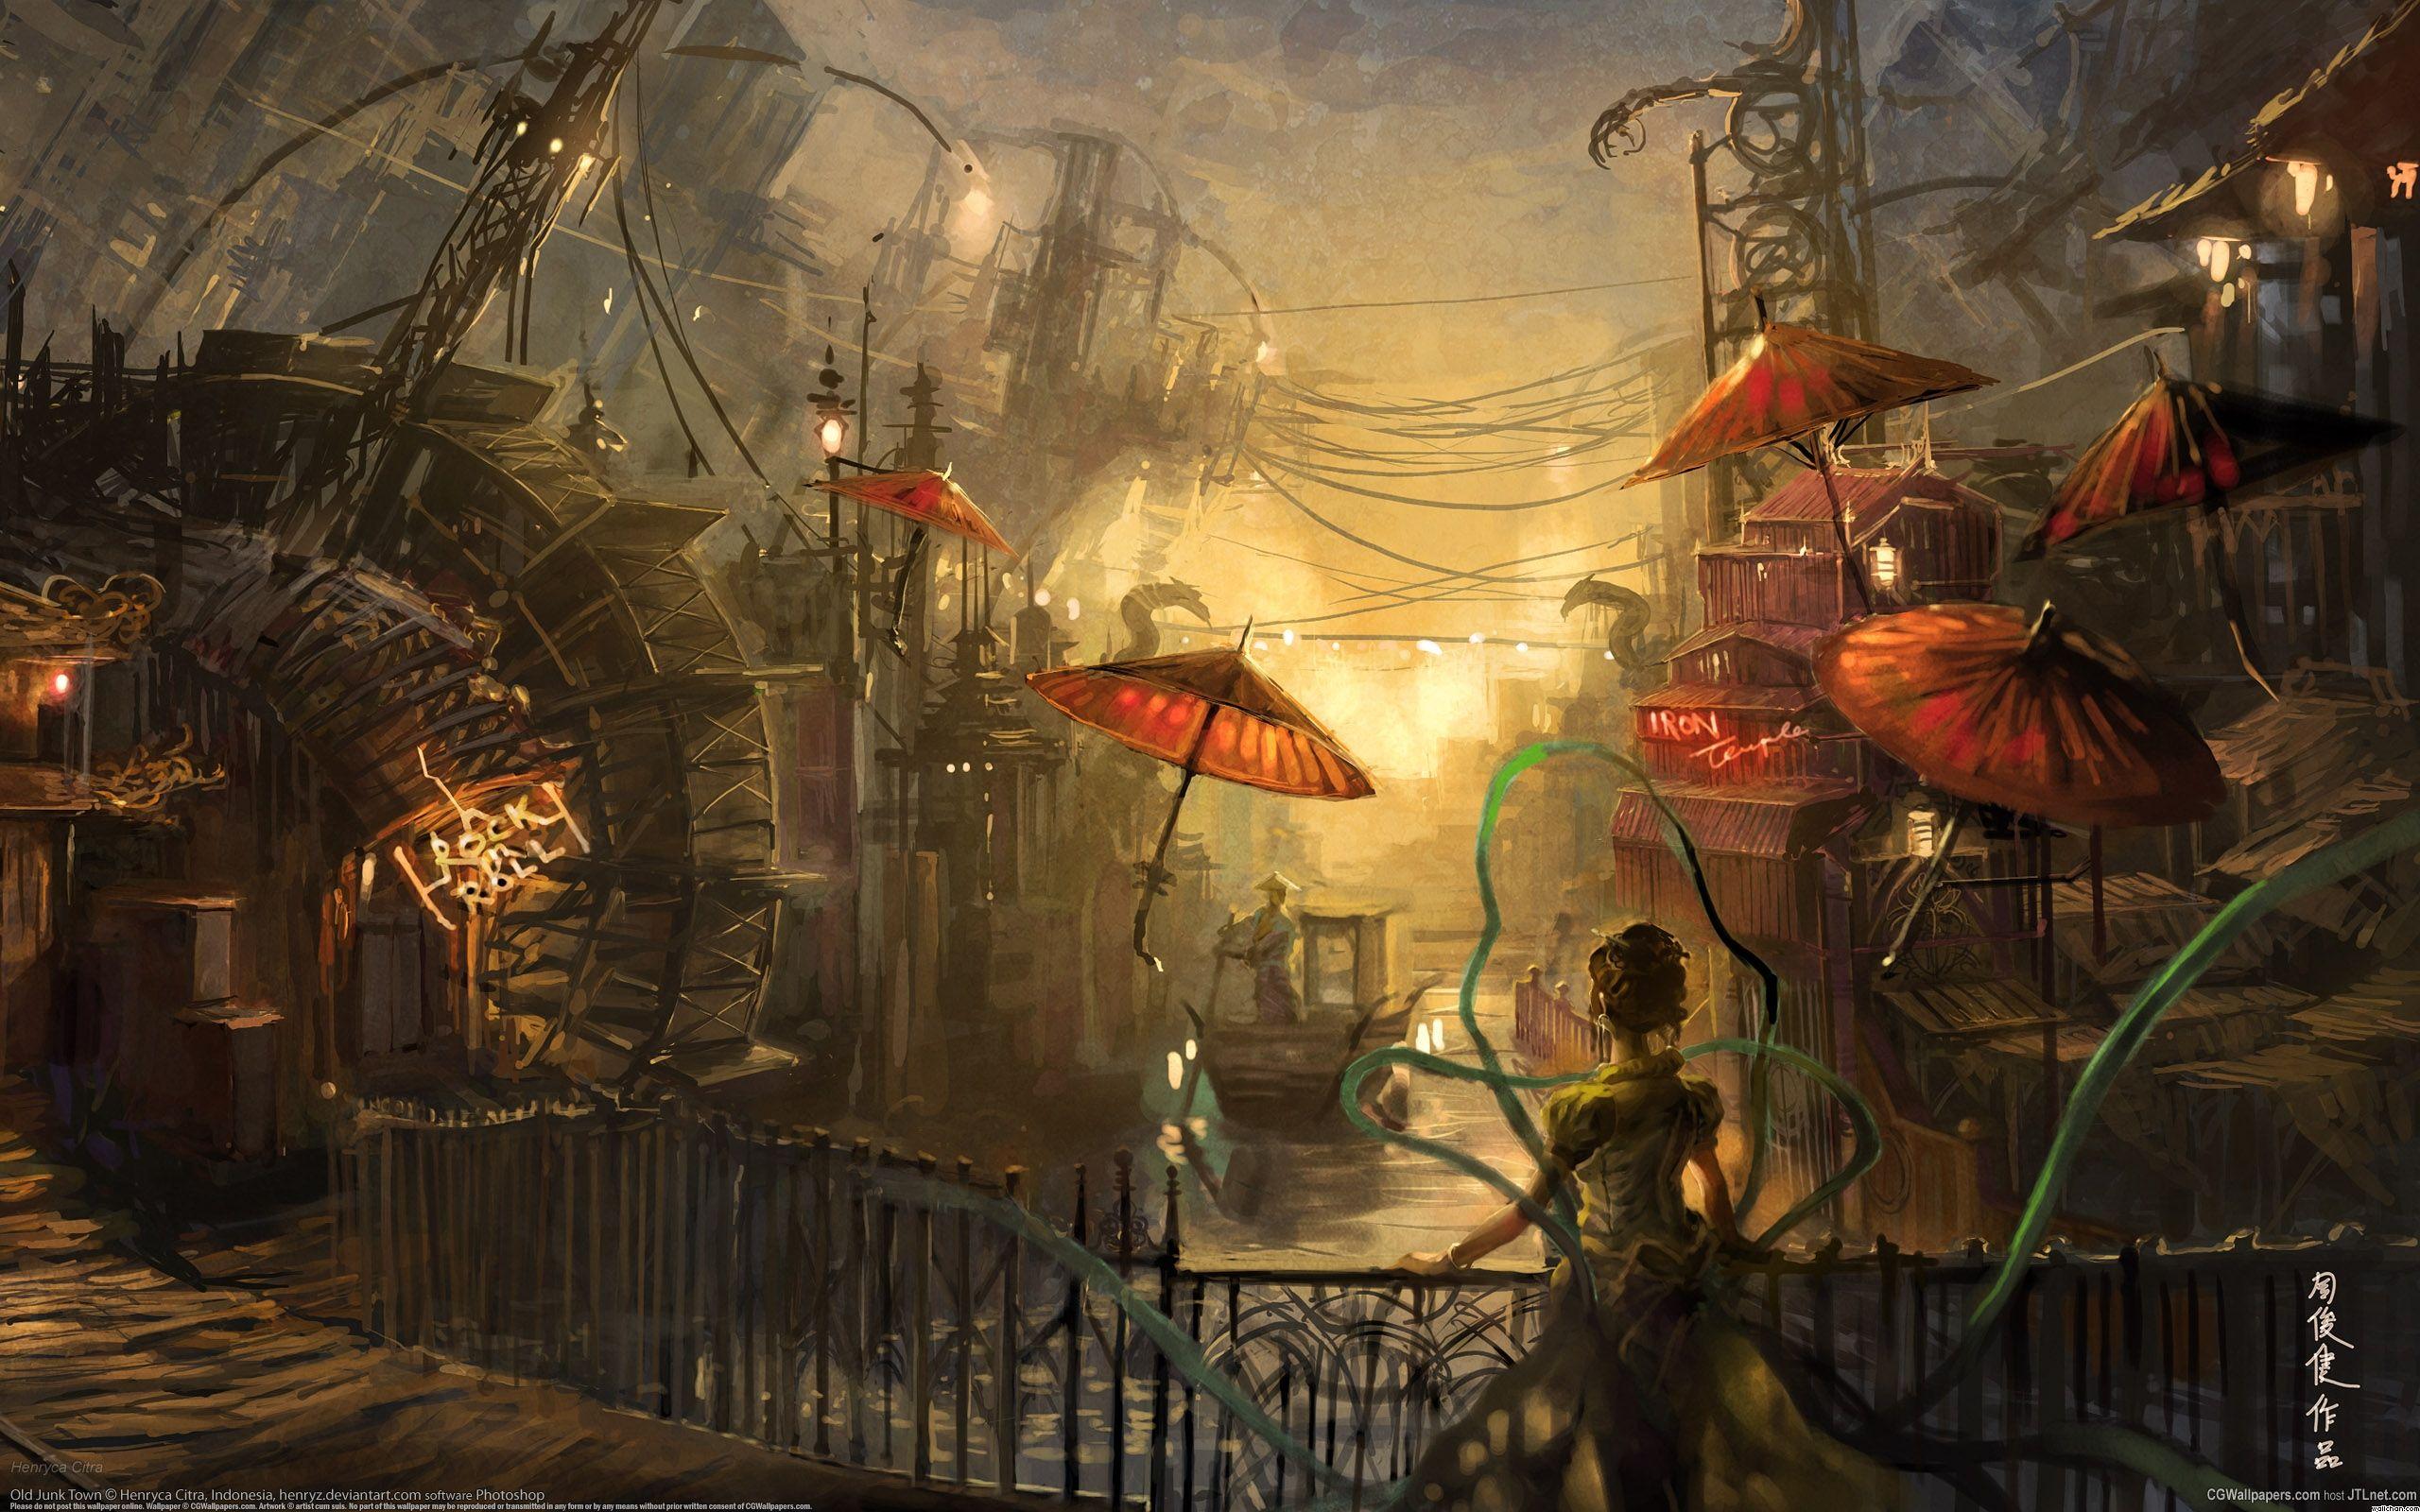 Fondos de pantalla steampunk - masqueforo.info